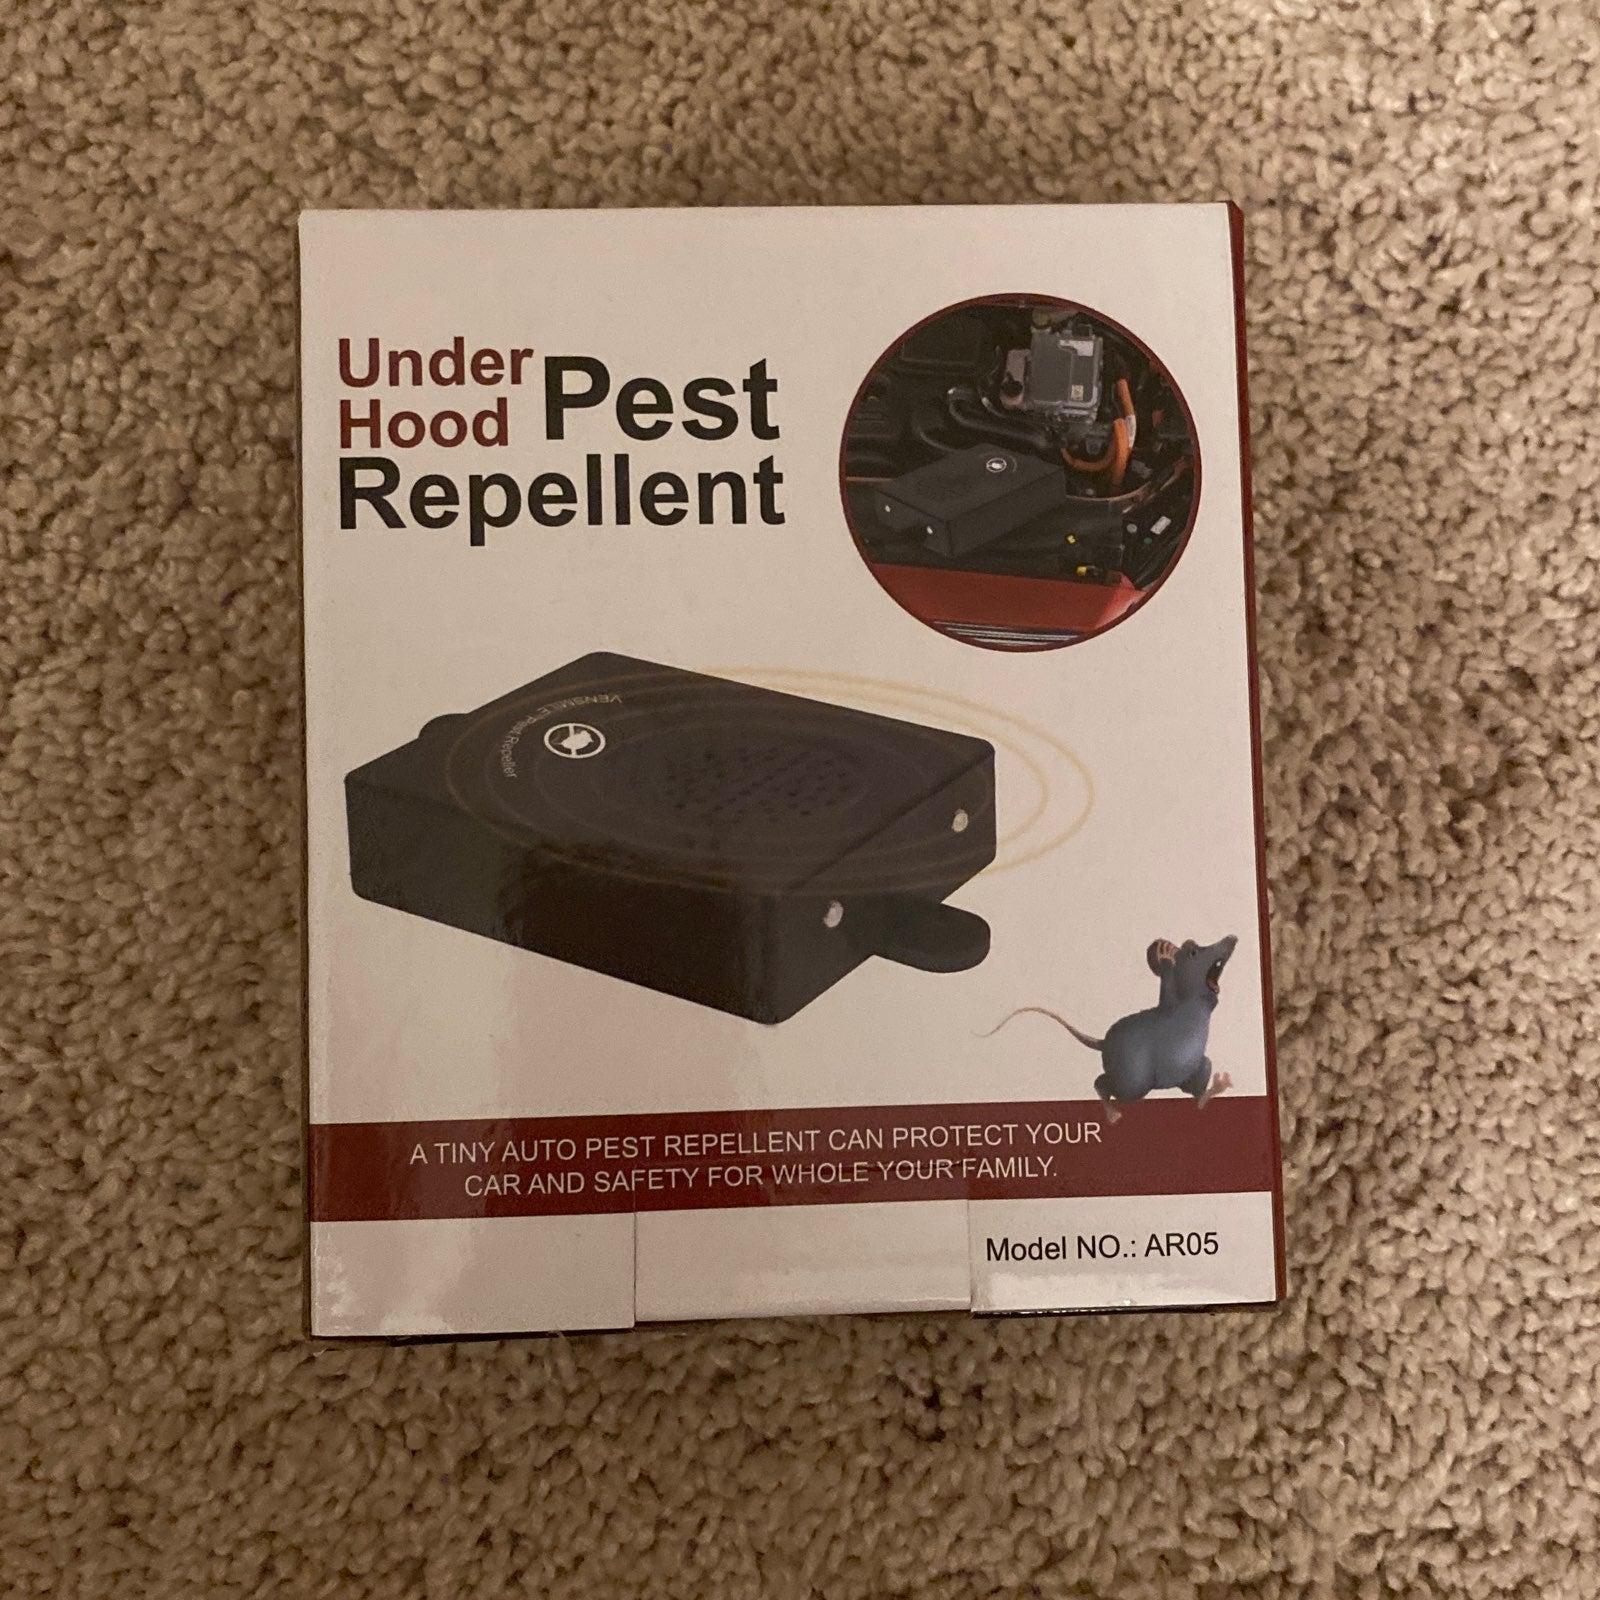 Under hood pest repellent new